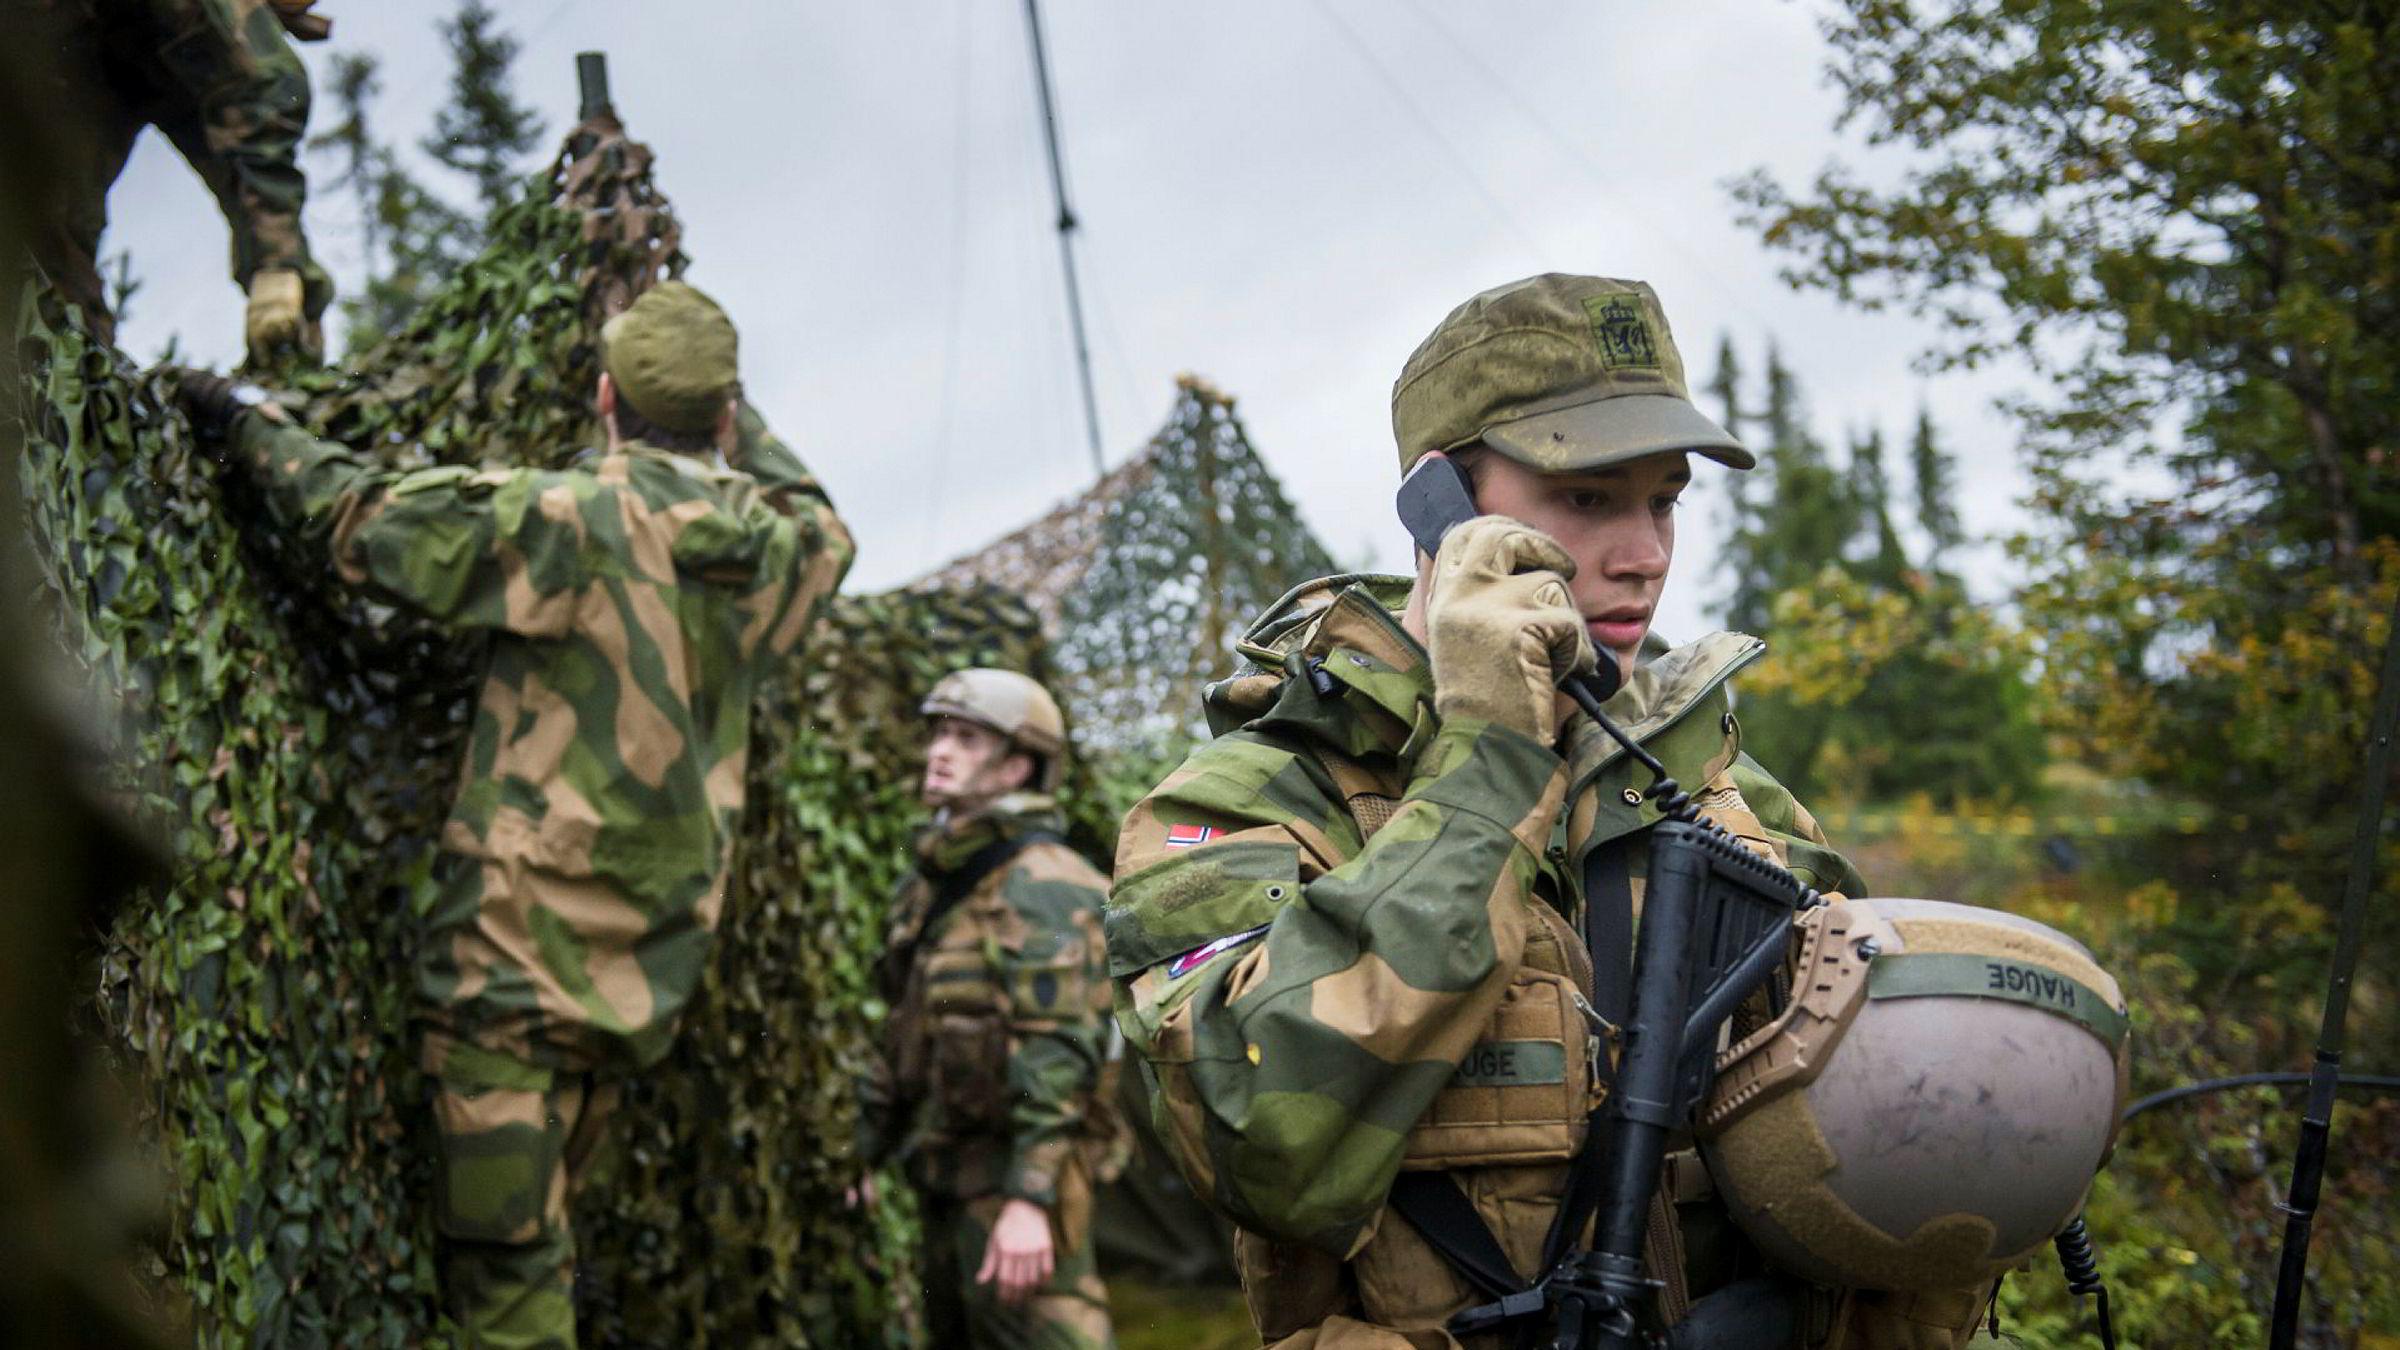 Norge bør i skarpe situasjoner ha full nasjonal kontroll på de viktigste kommunikasjonsveiene.